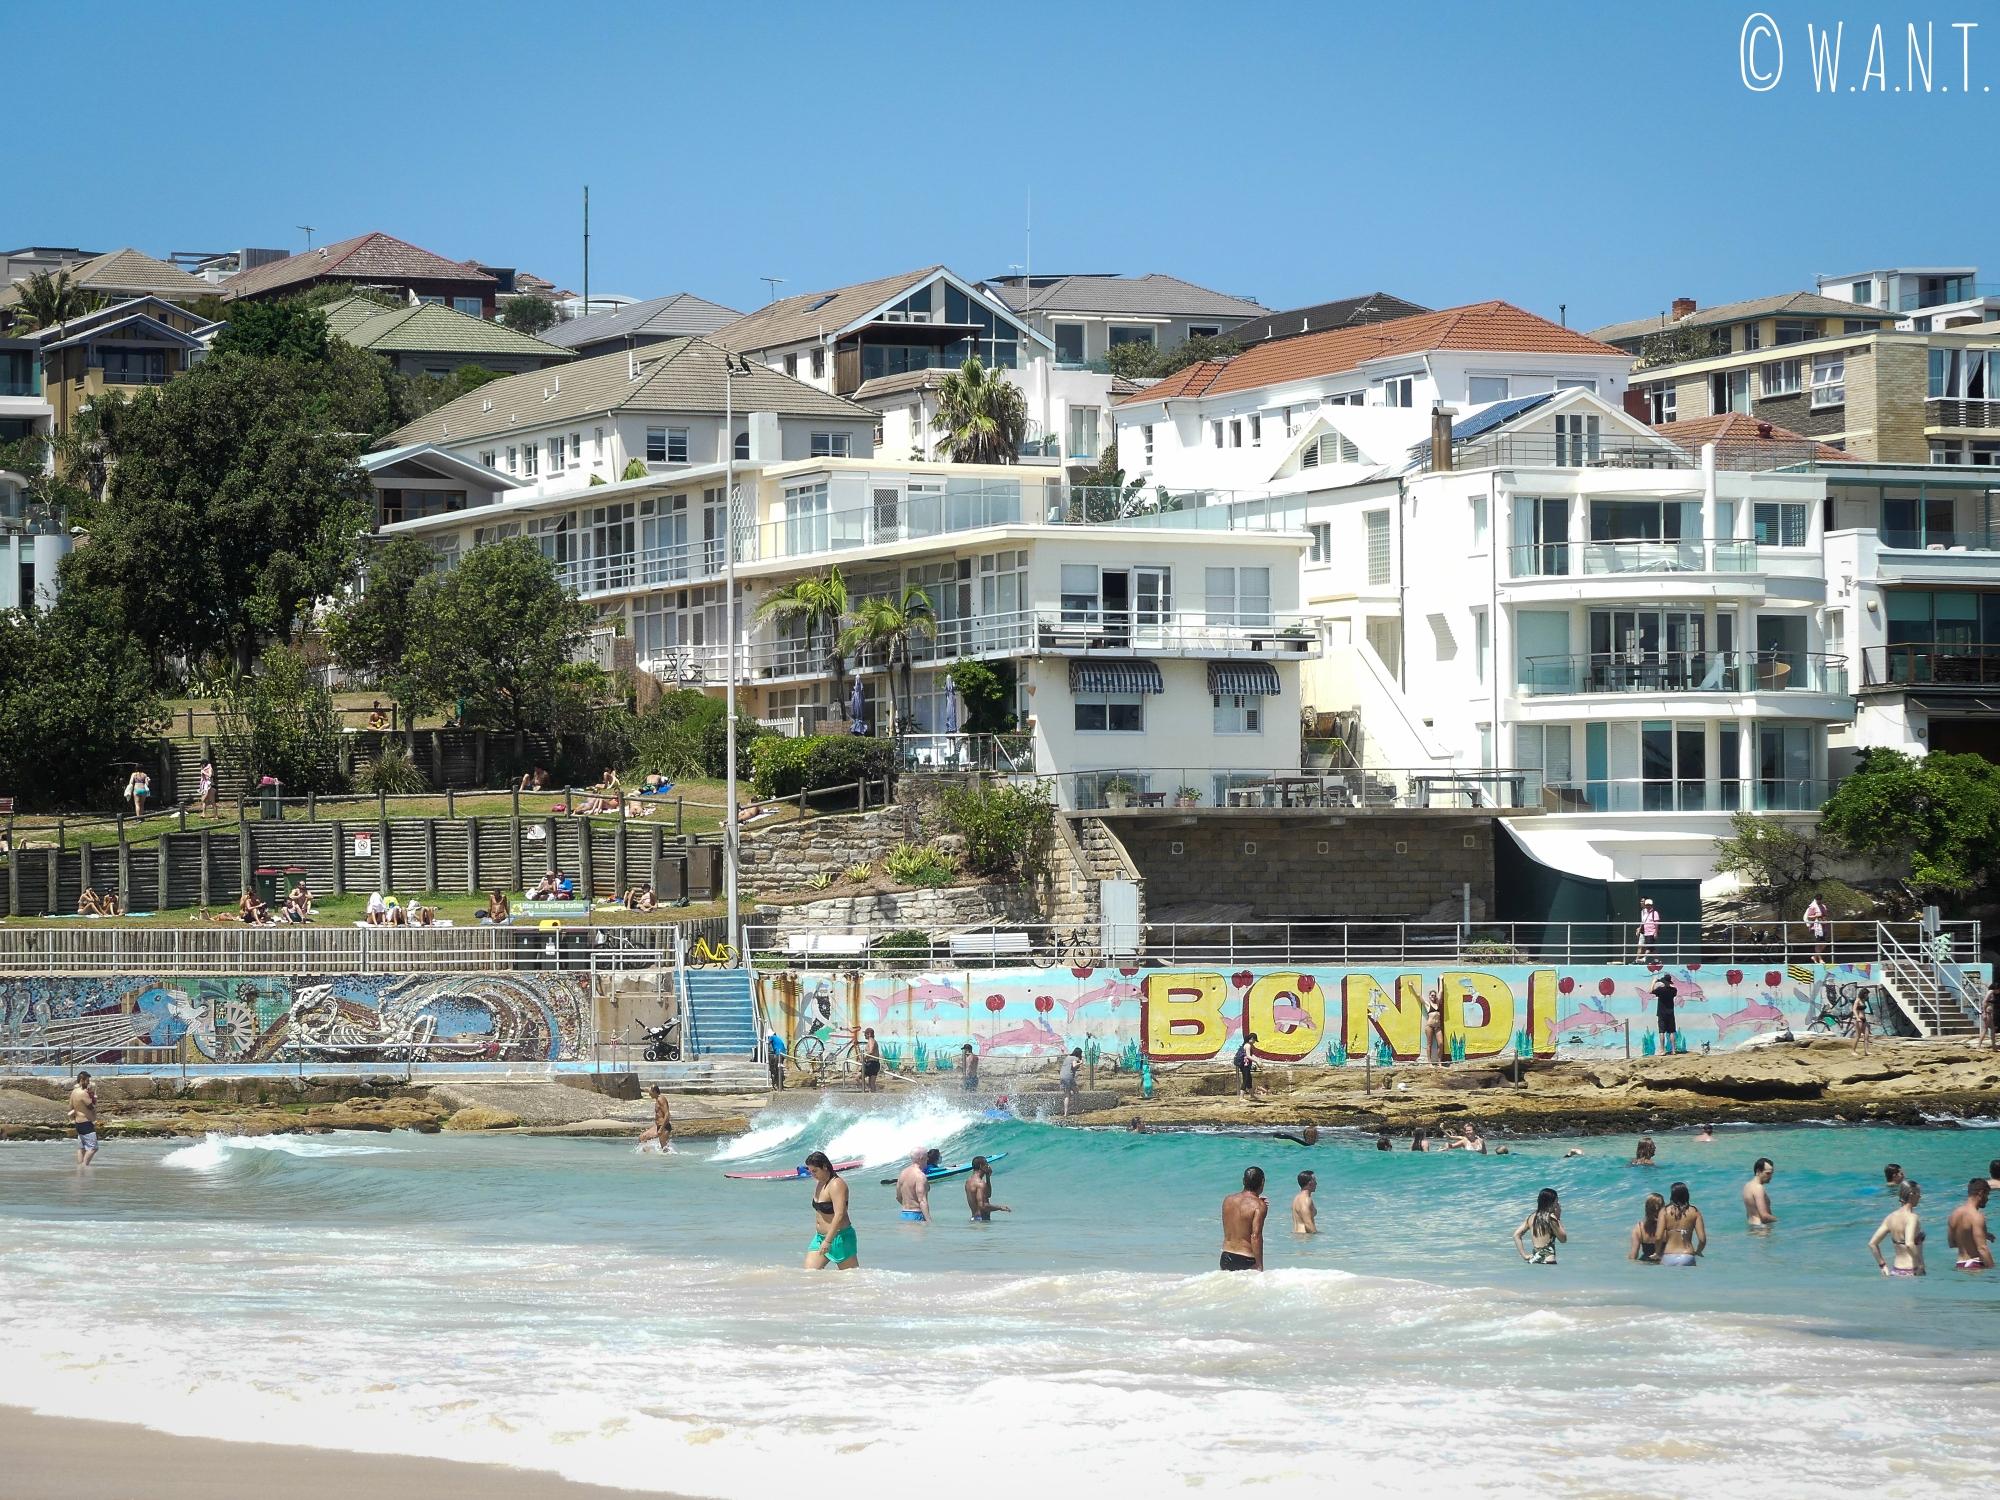 La plage de Bondi près de Sydney est très populaire